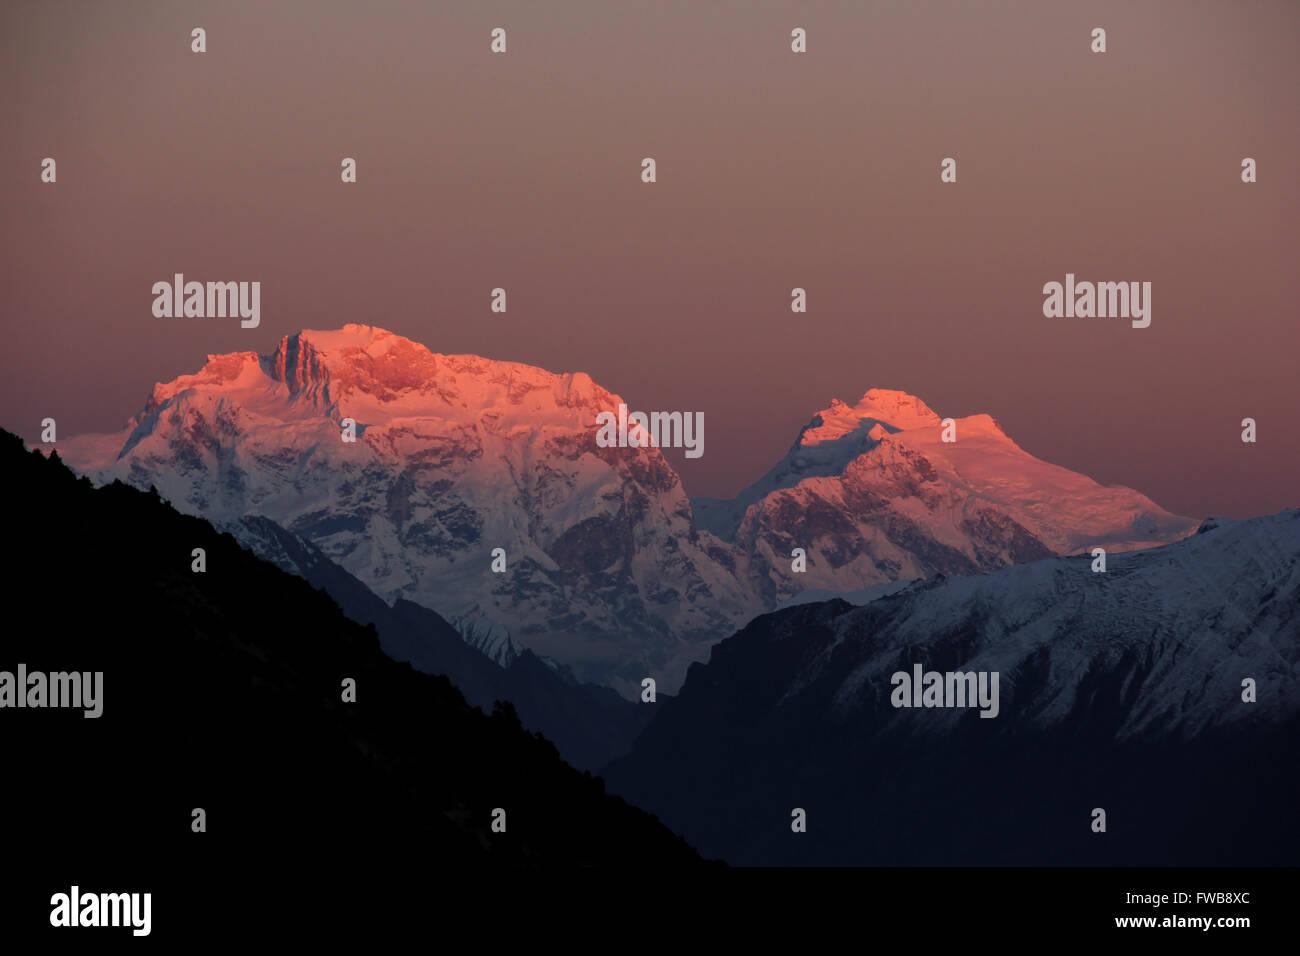 Ngadi Chuli and Himal Chuli - Stock Image